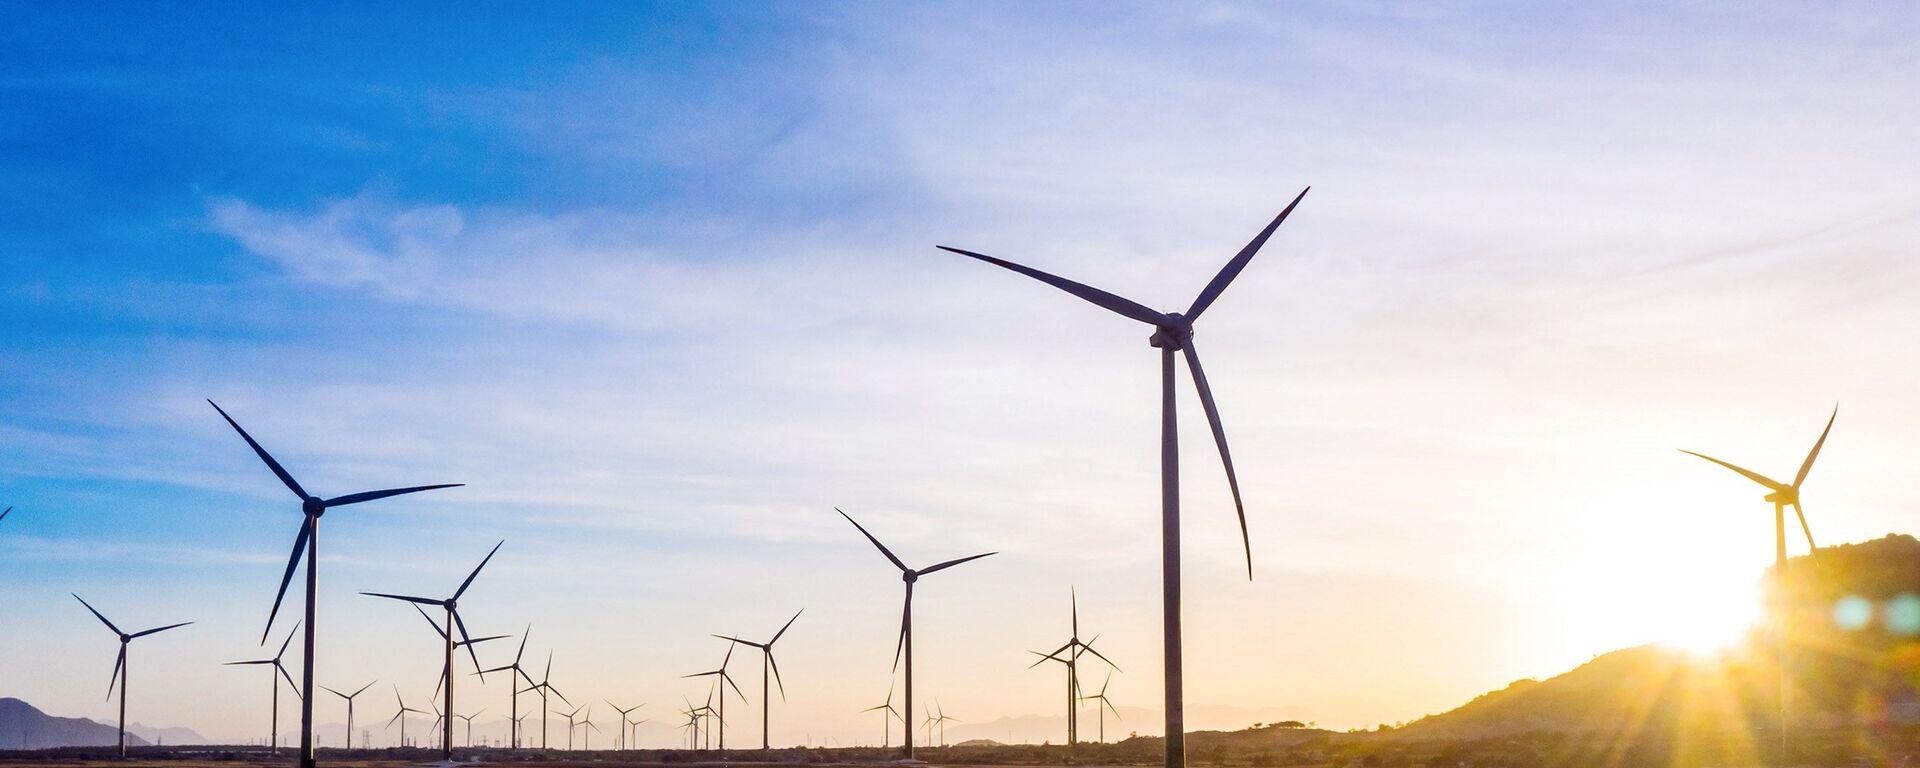 Tổ hợp điện năng lượng tái tạo của Tập đoàn Trung Nam đầu tư tại huyện Thuận Bắc (Ninh Thuận). - Sputnik Việt Nam, 1920, 25.05.2021